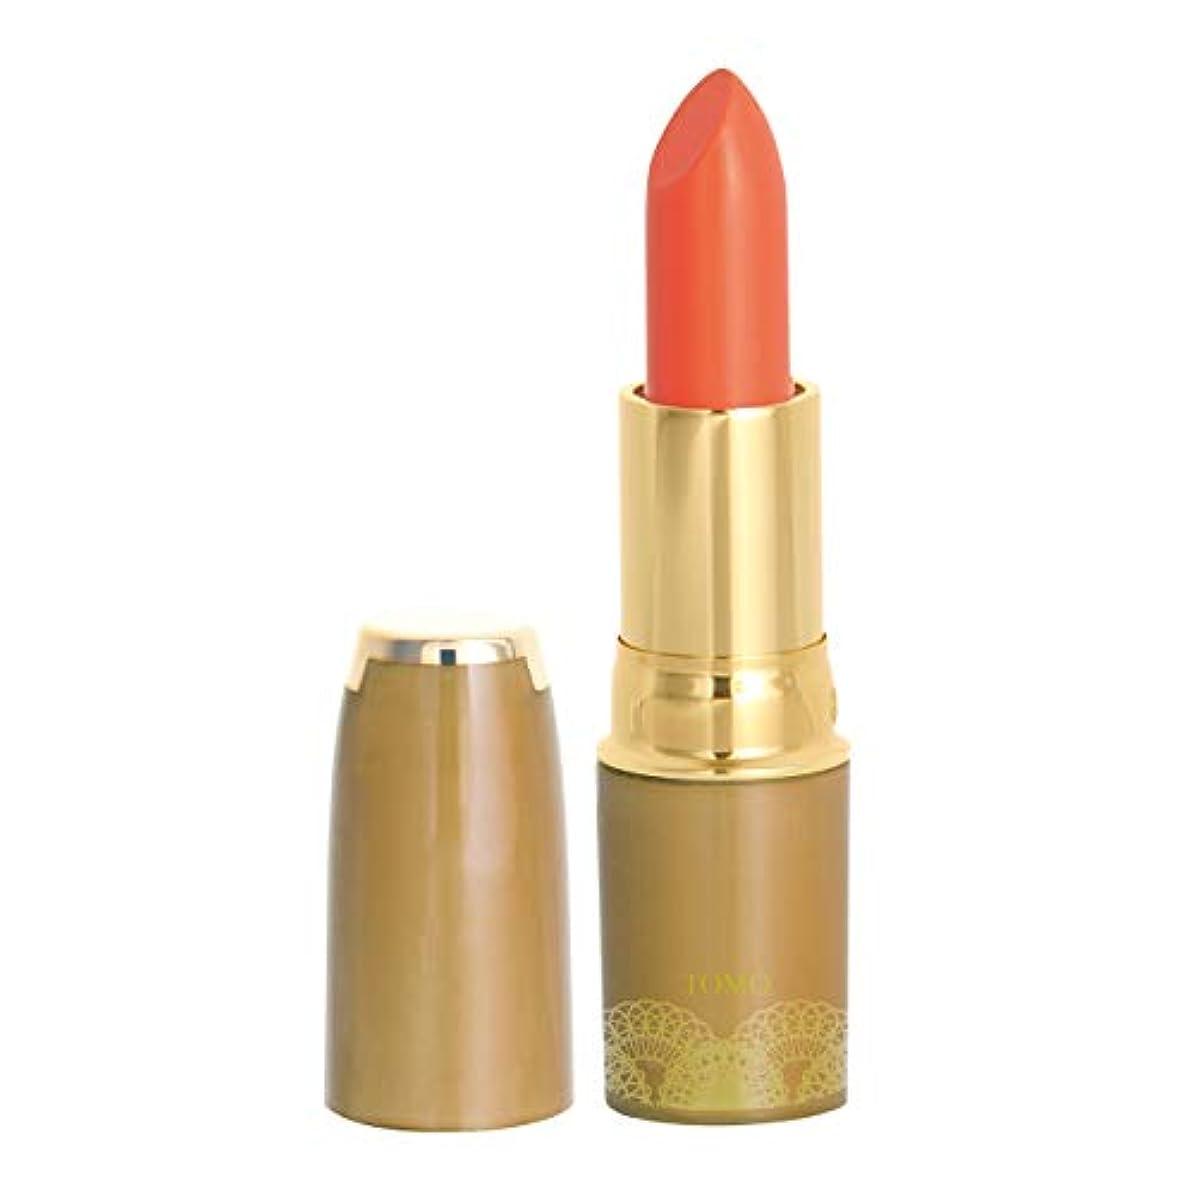 愚かな進化孤独安心 安全 低刺激 食用色素からできた口紅 ナチュレリップカラー LC-03 (コーラルオレンジ) 全6色